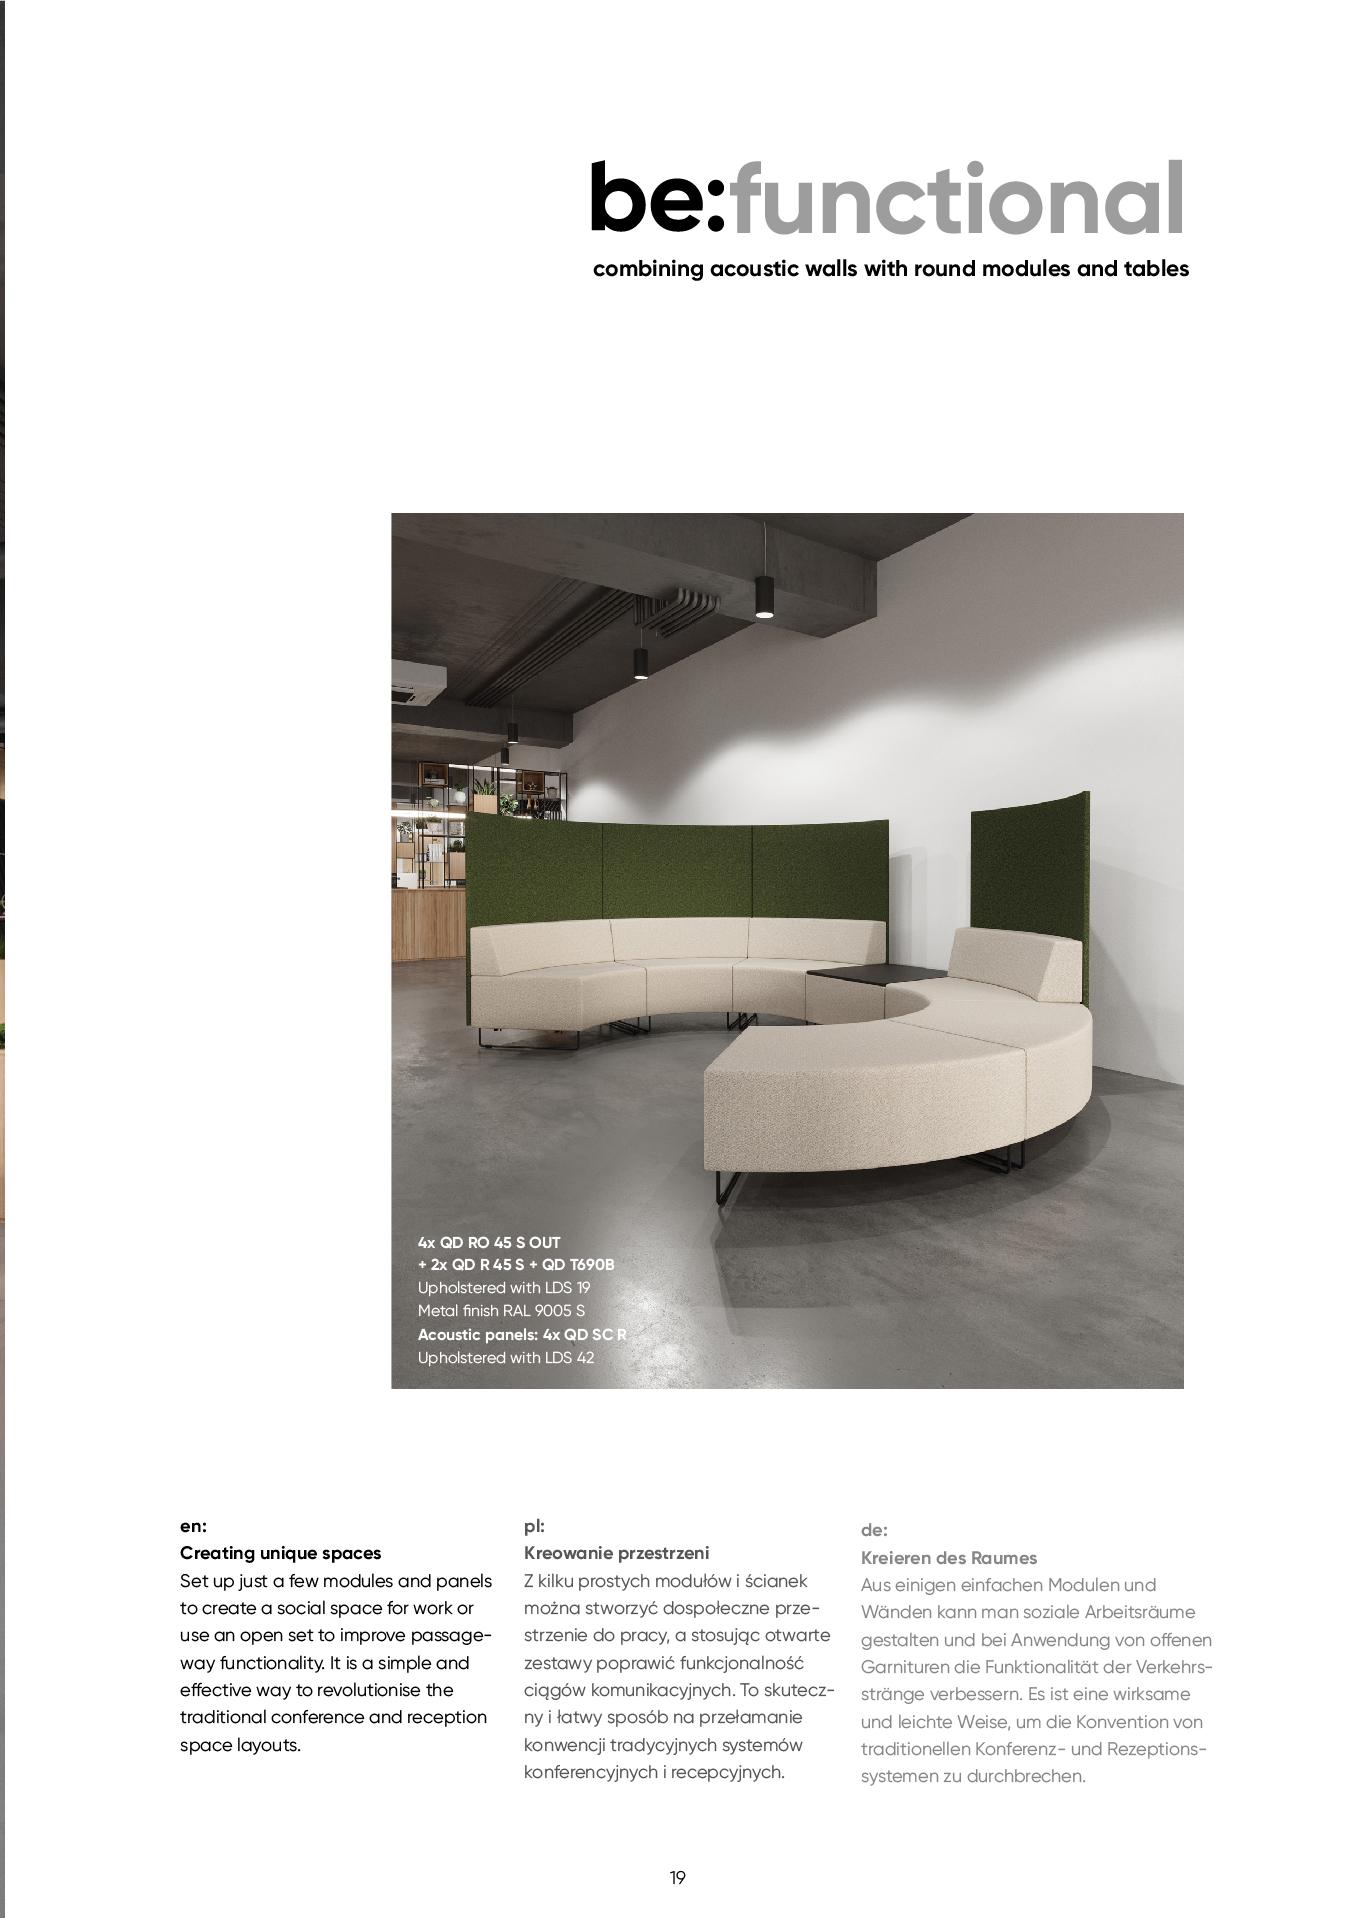 katalog-quadra-19.jpg